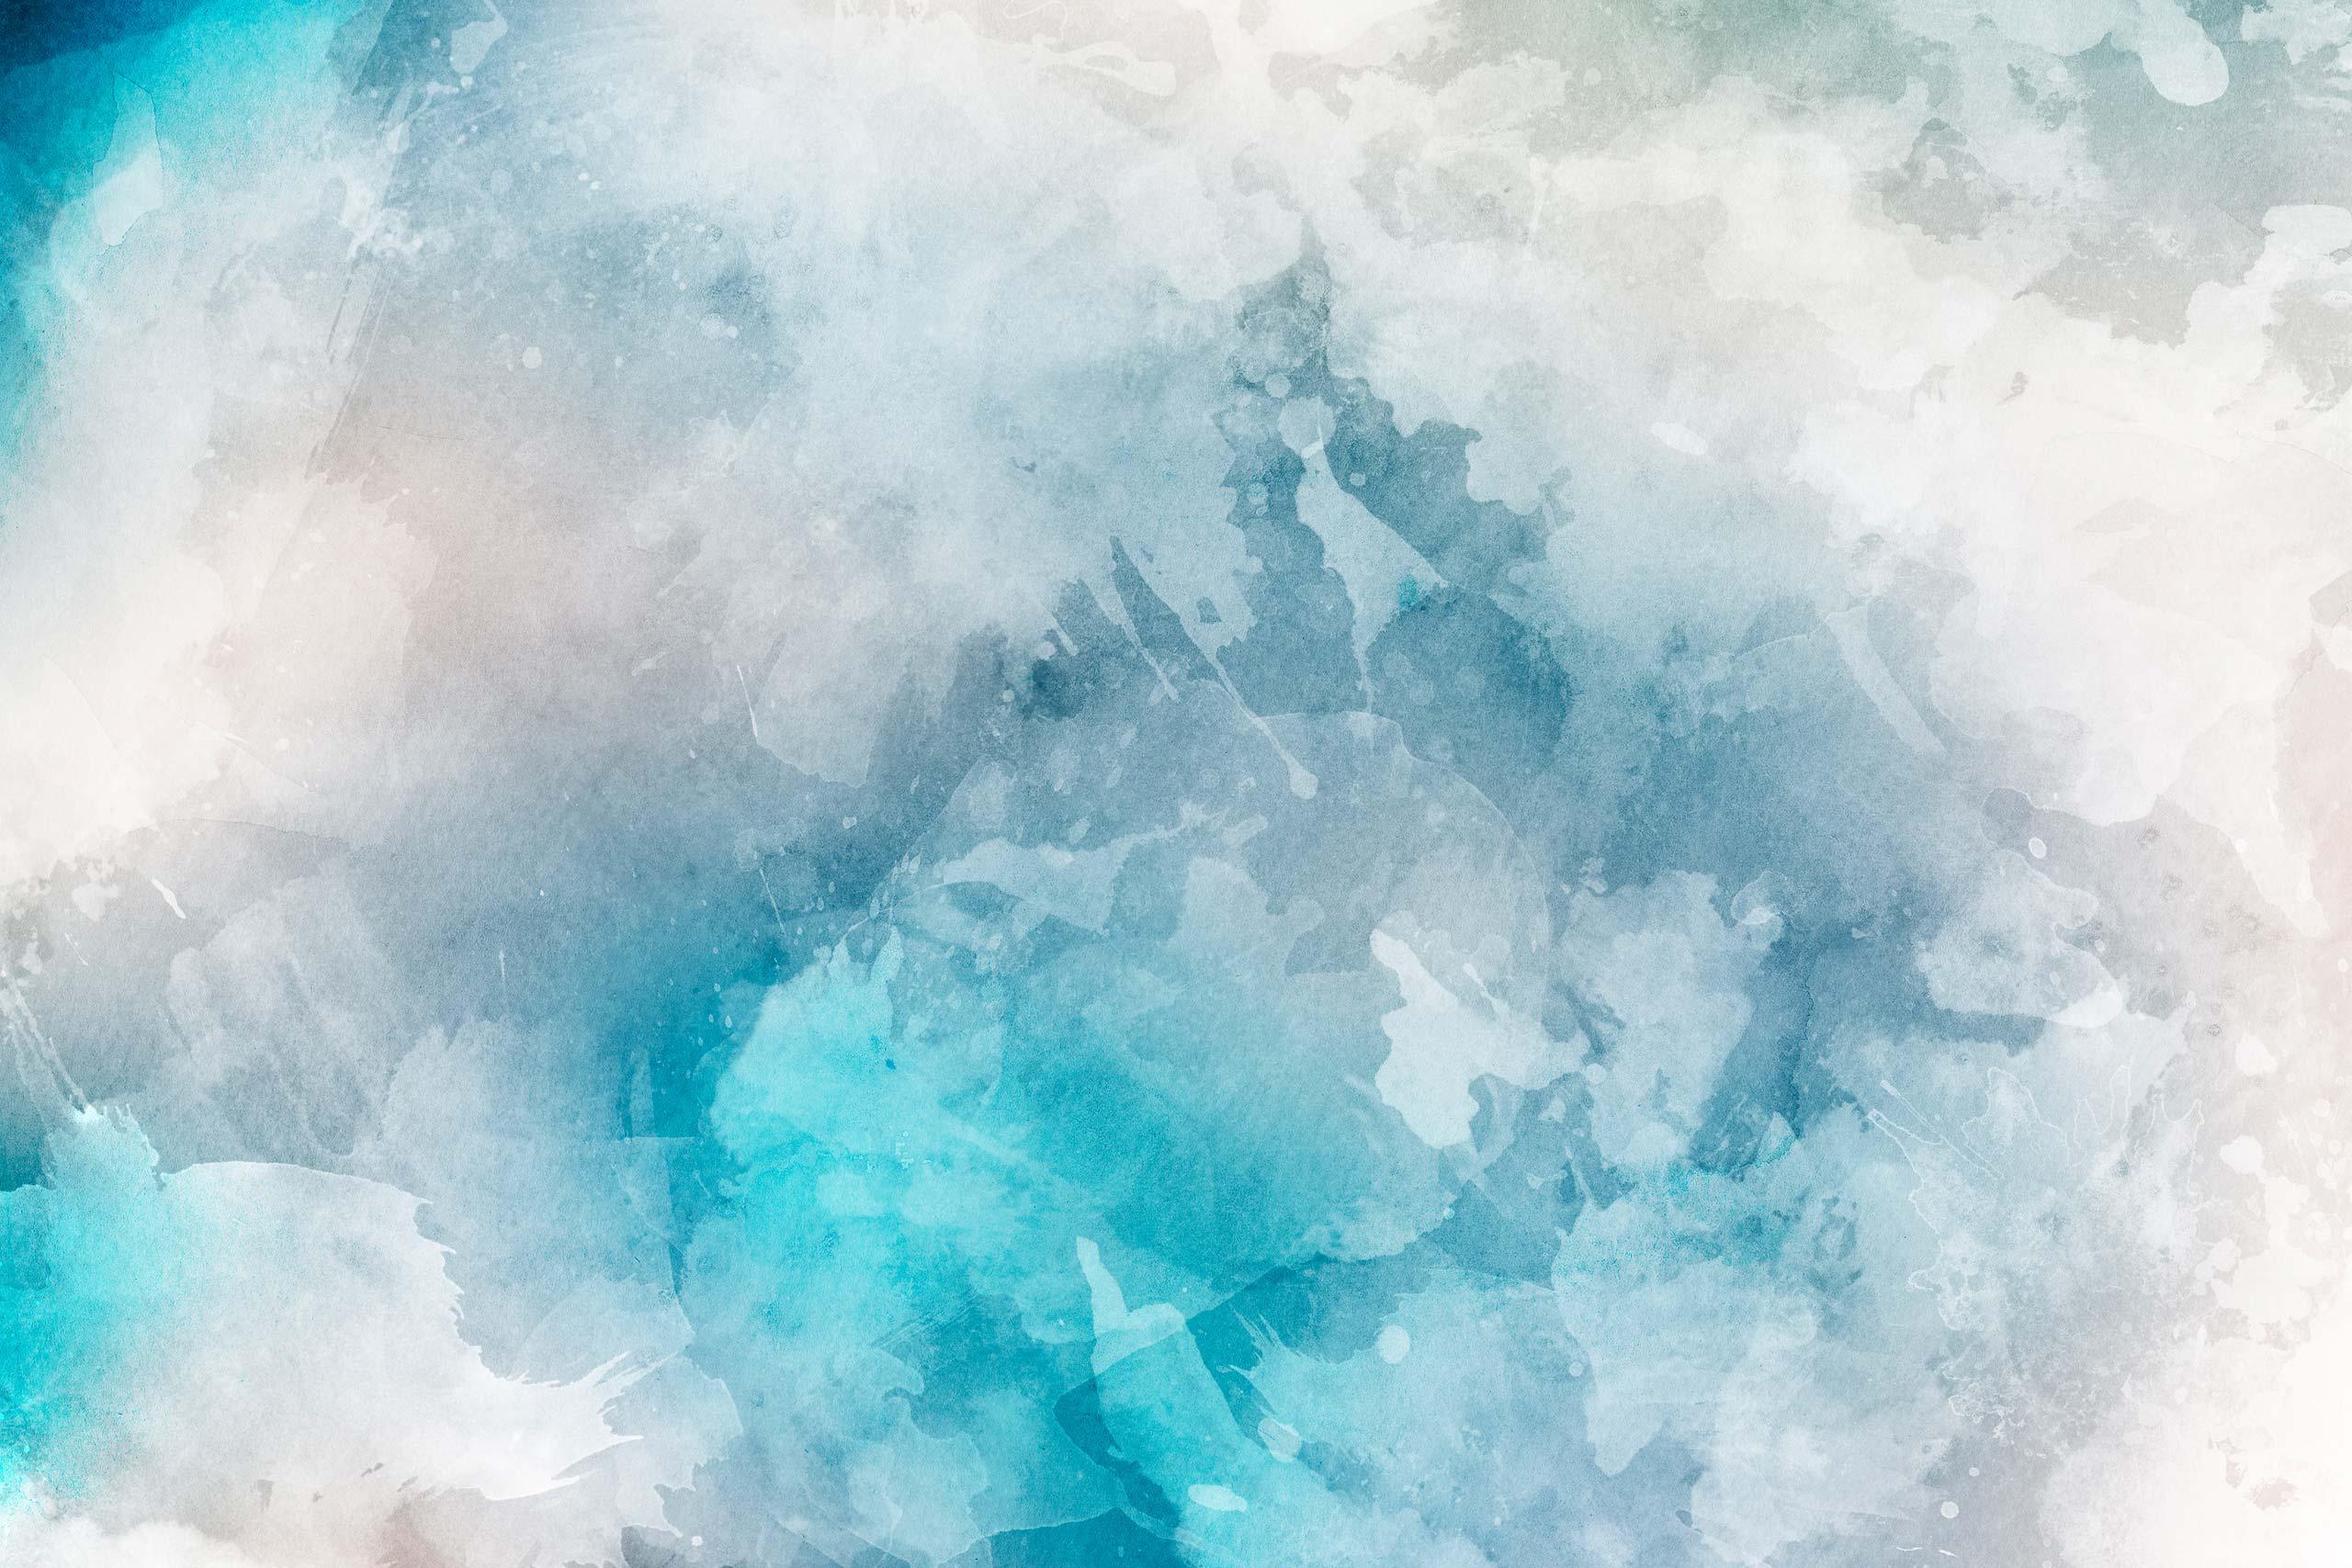 Голубая акварель с белыми разводами.